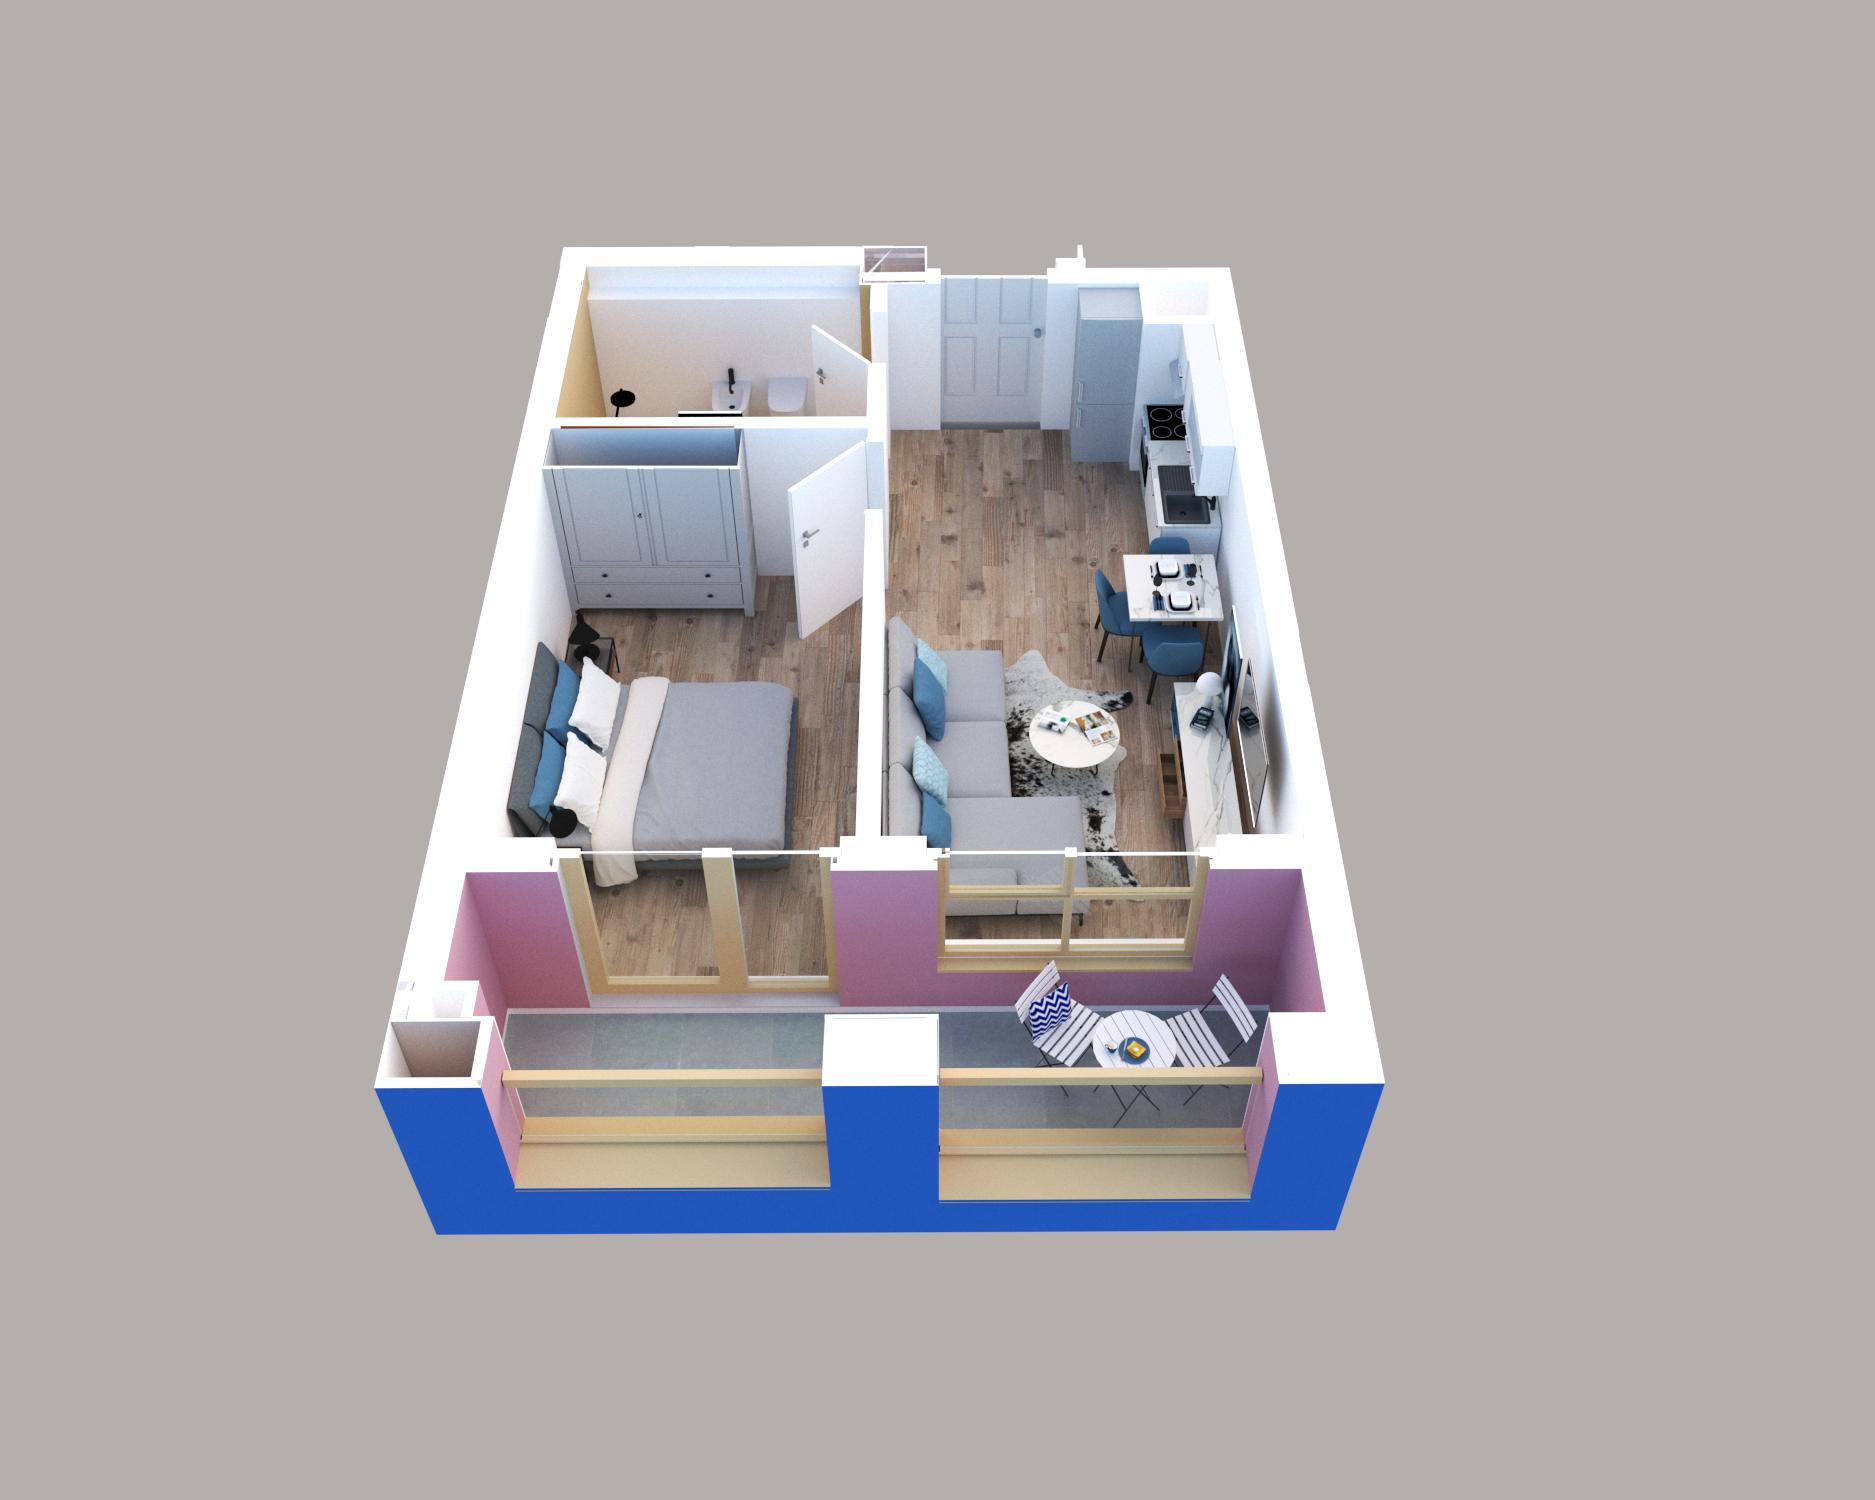 Apartament 1+1 në shitje në Tiranë - Mangalem 21 Shkalla 28 Kati 5